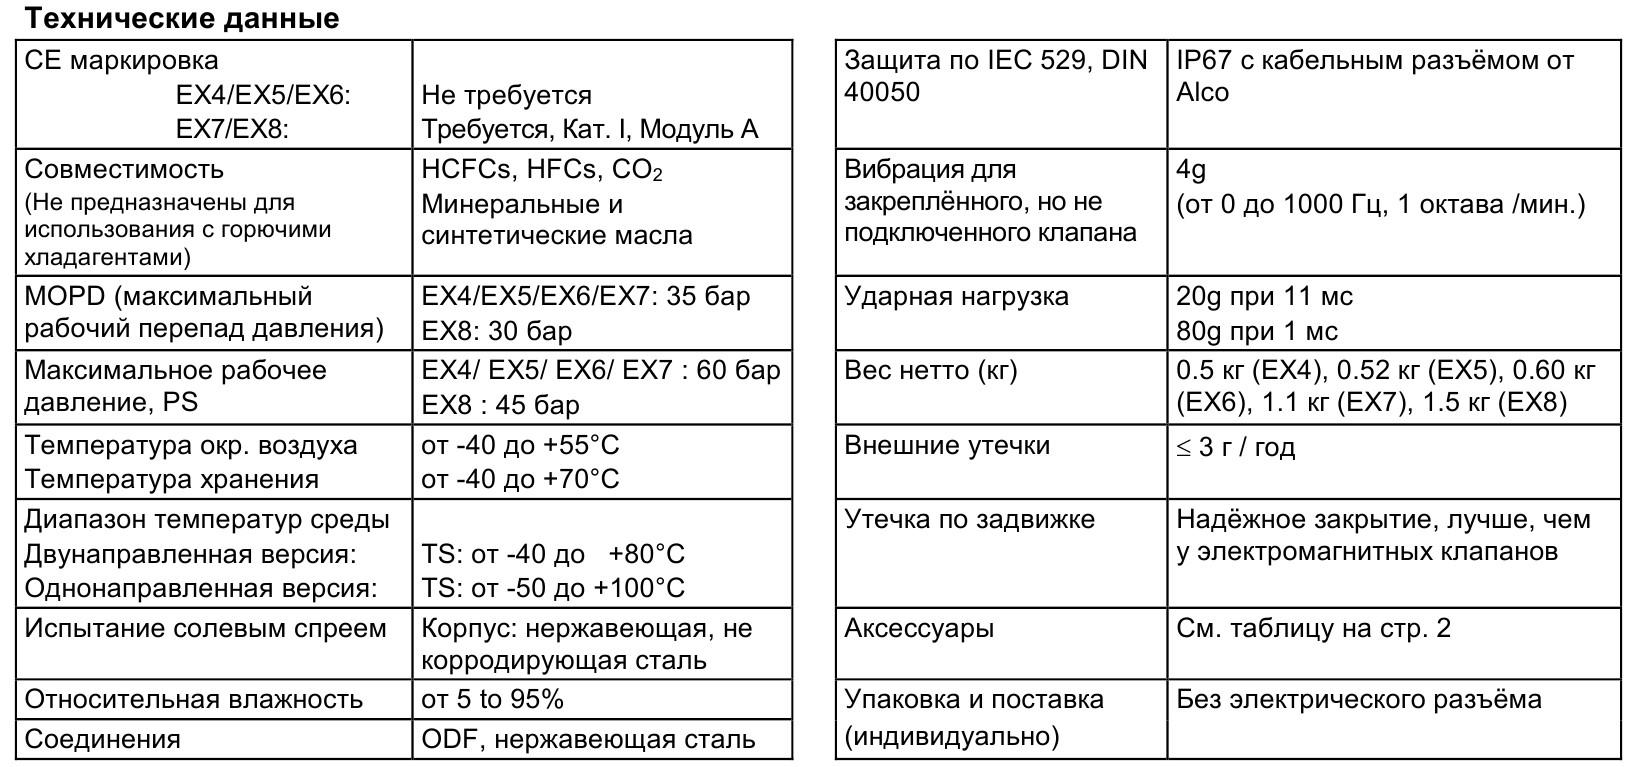 Alco Controls EX4_EX5_EX6_EX7_EX8 - 11